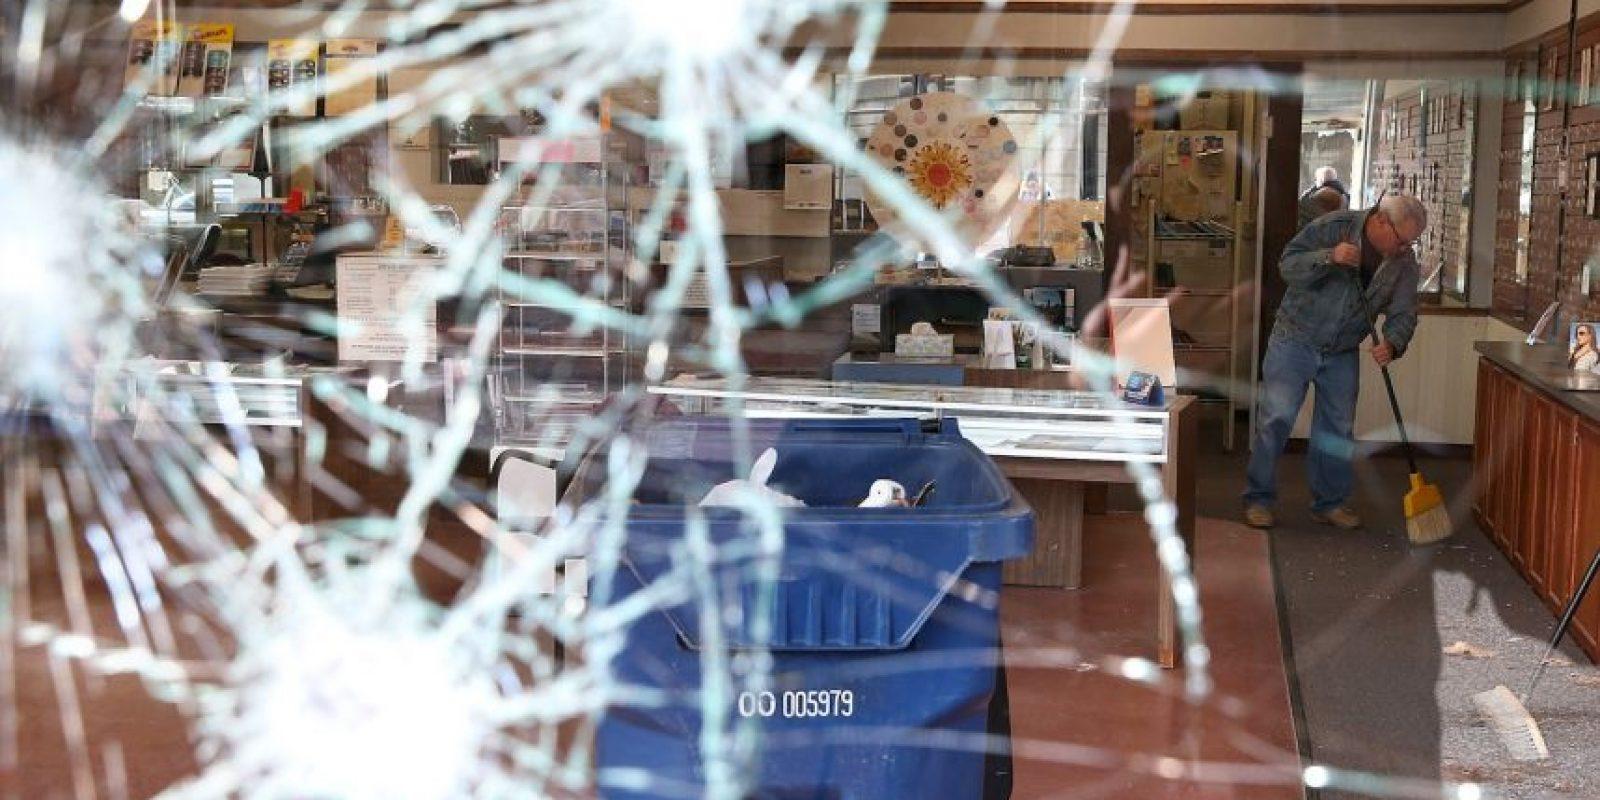 Local comercial en Ferguson, Missouri Foto:Getty Images